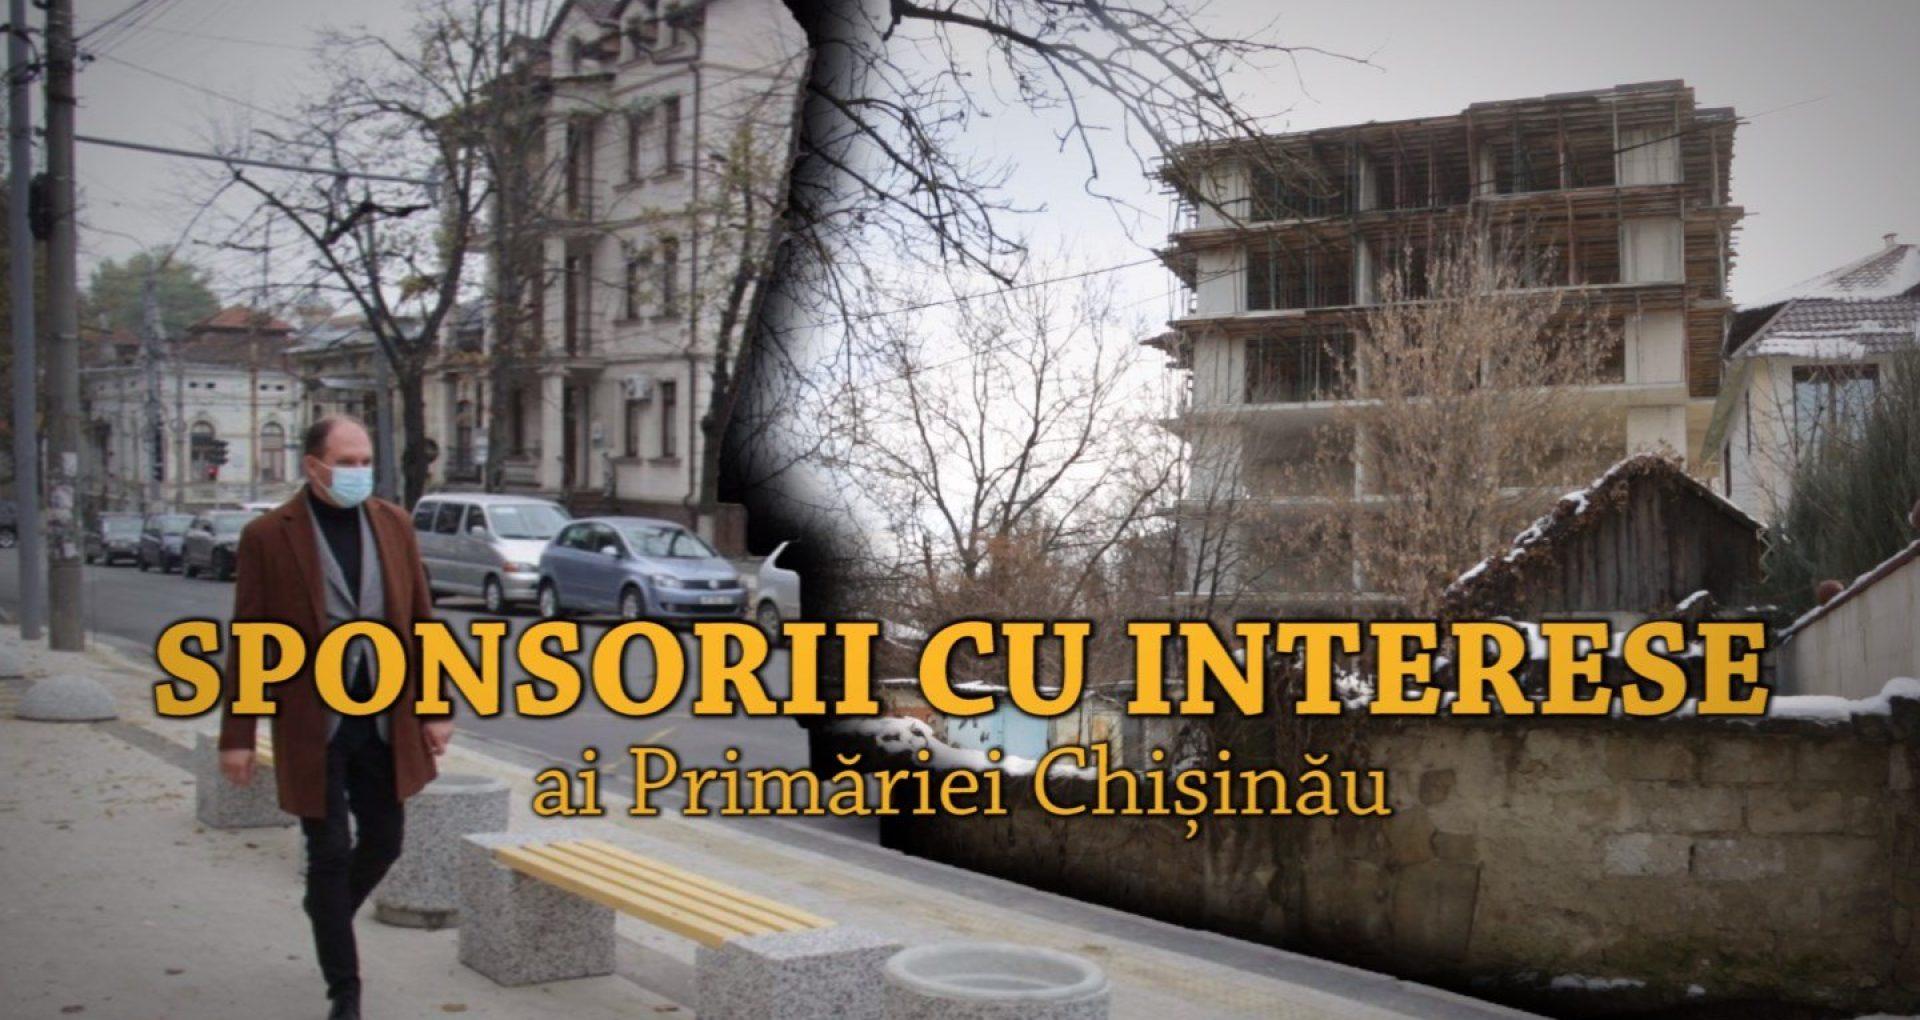 Sponsorii cu interese ai Primăriei Chișinău